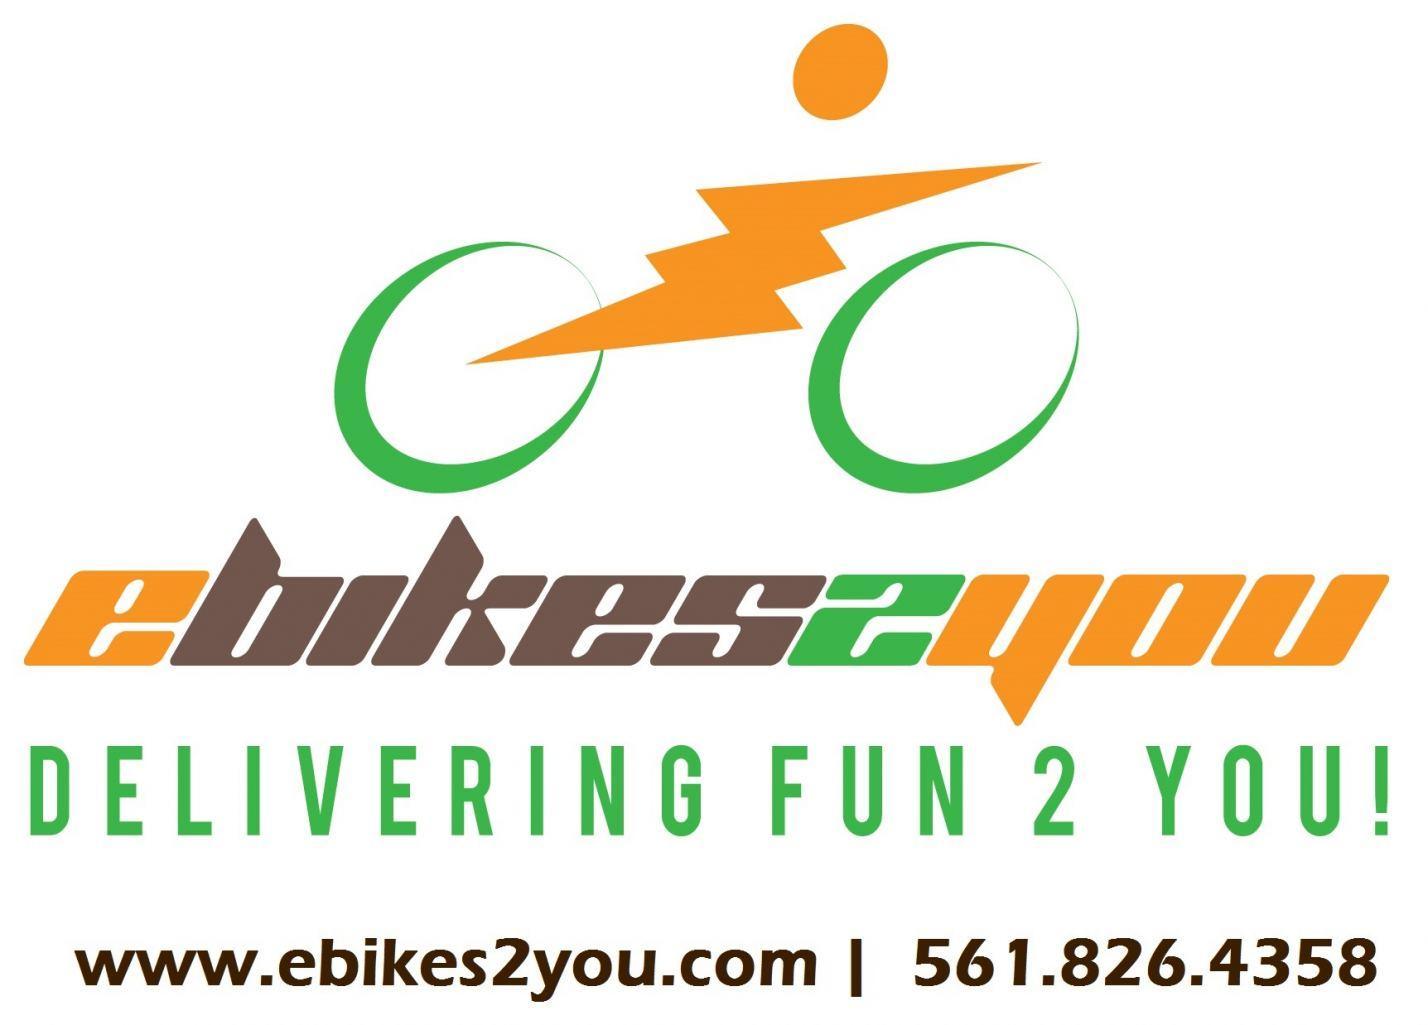 EBIKES2YOU.COM